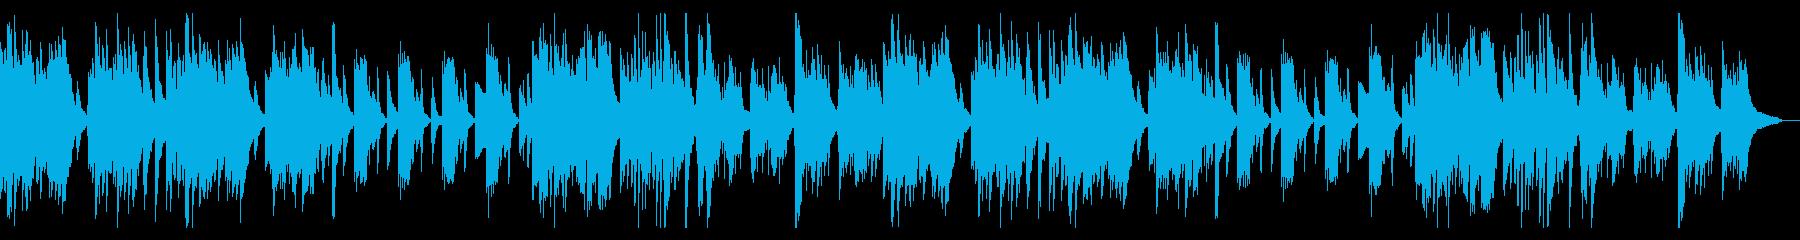 怪しげで切ないピアノ曲の再生済みの波形